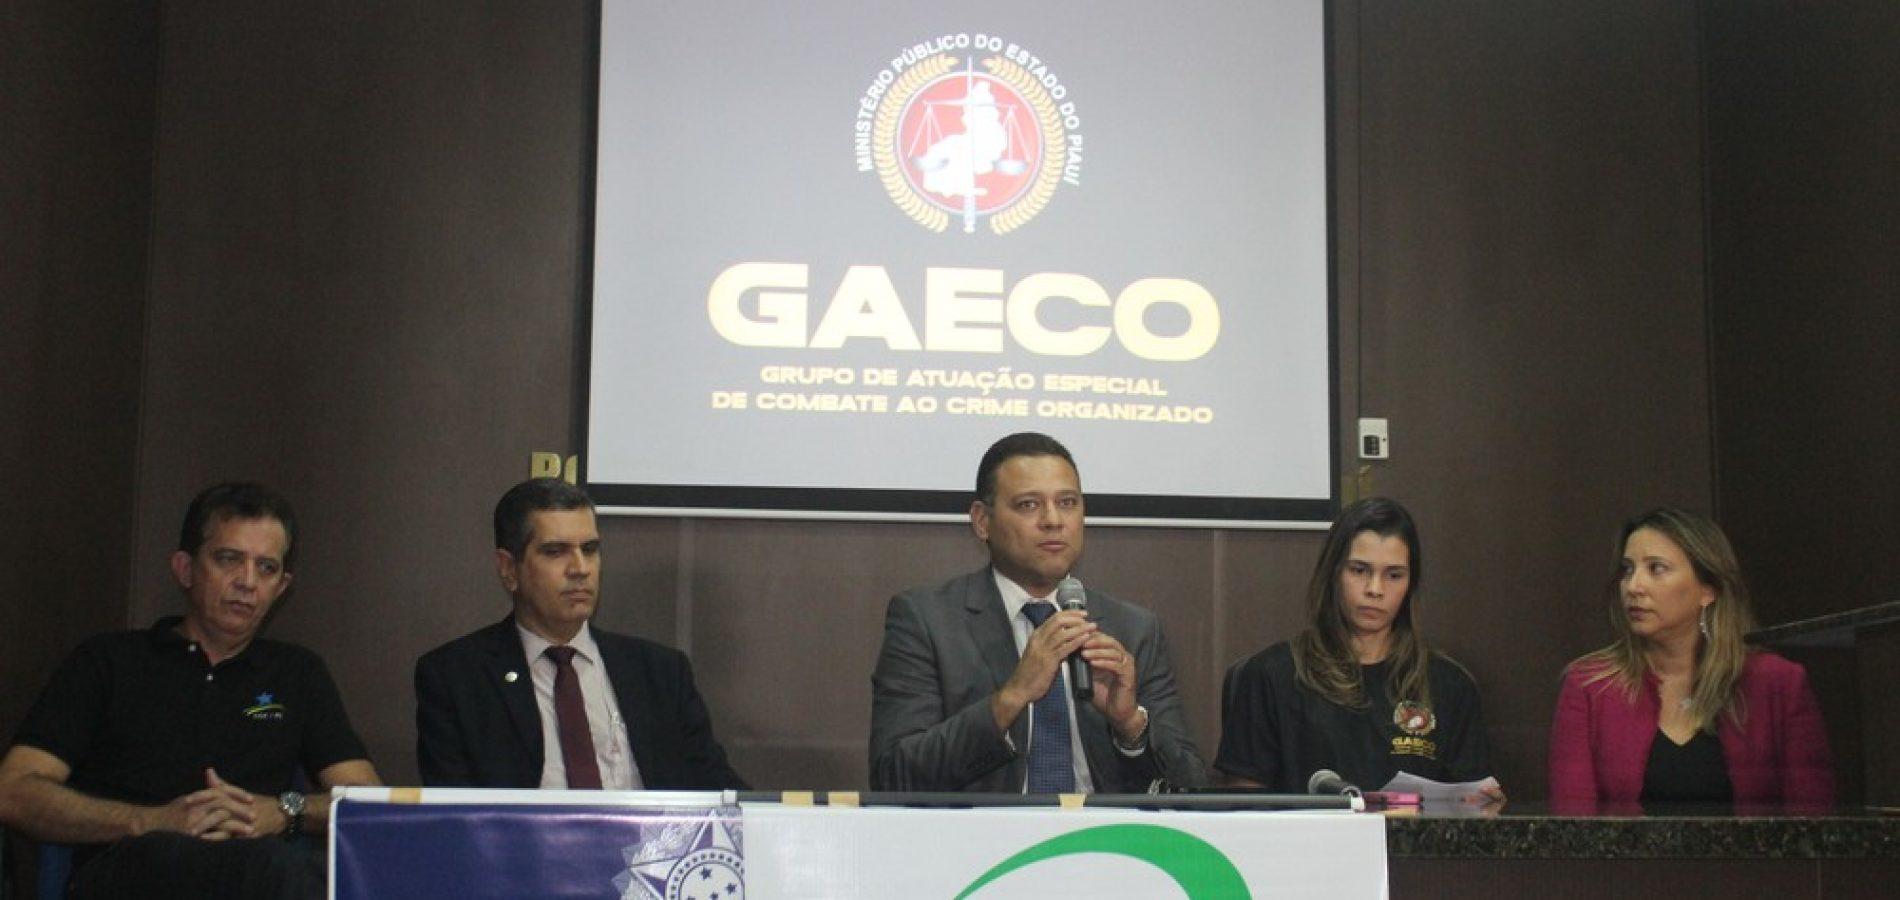 Quadrilha adulterava editais para favorecer 'cartel' no Piauí, diz promotora